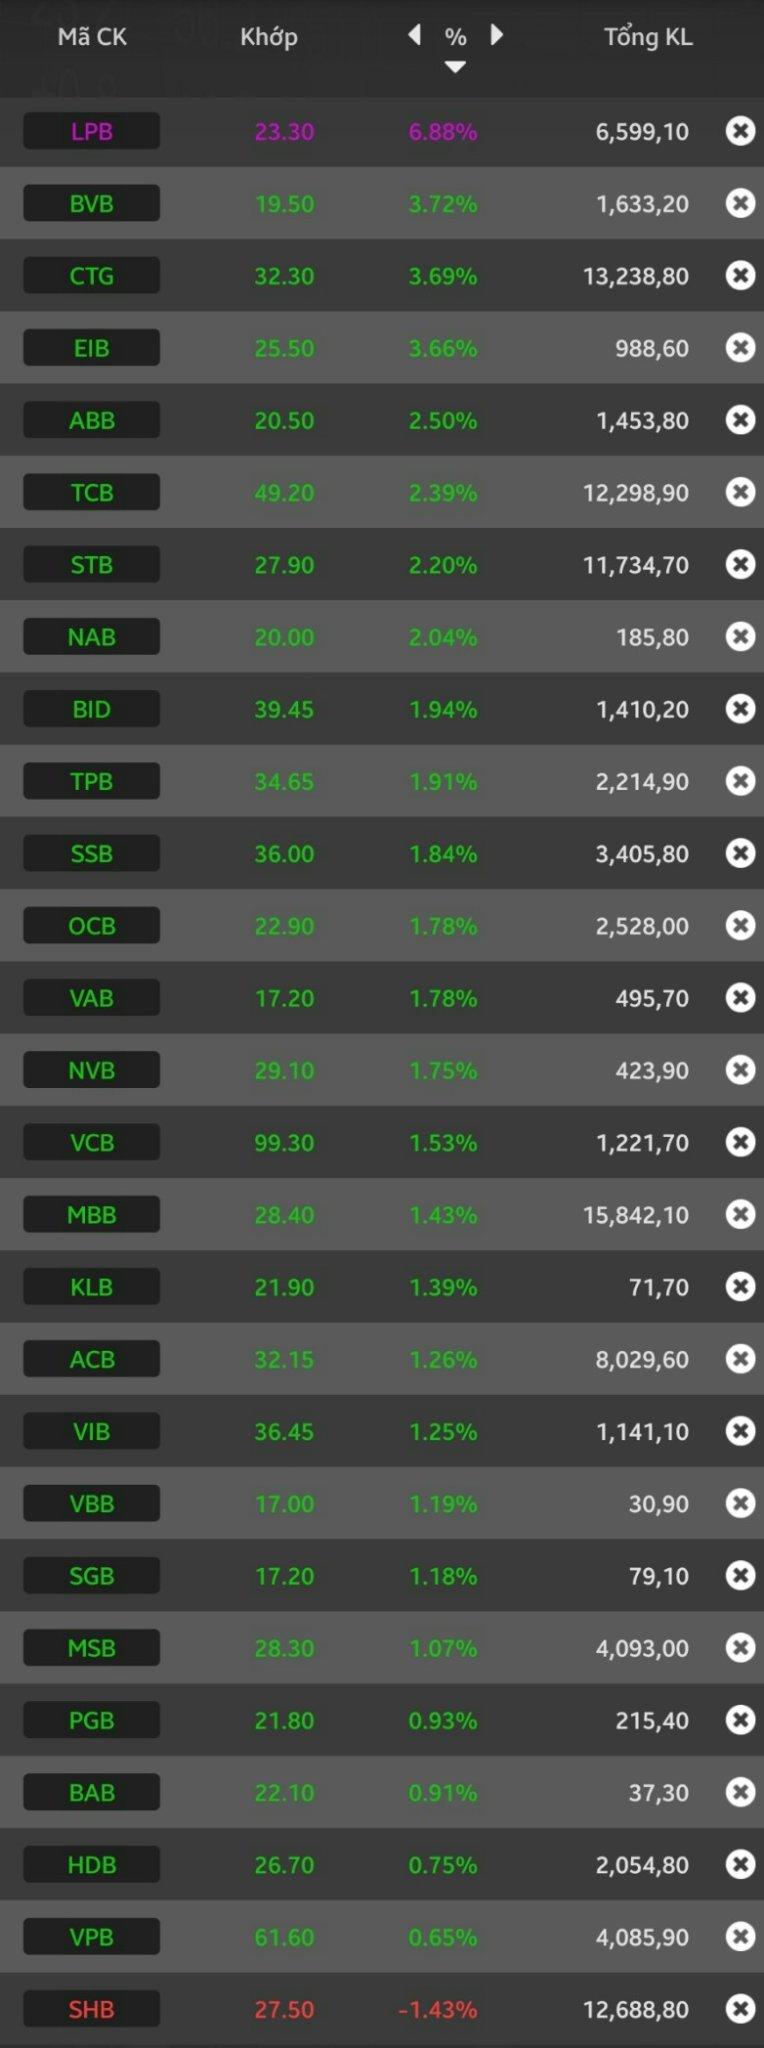 Sắc xanh trở lại nhóm cổ phiếu ngân hàng, CTG và VCB dẫn dắt thị trường - Ảnh 2.